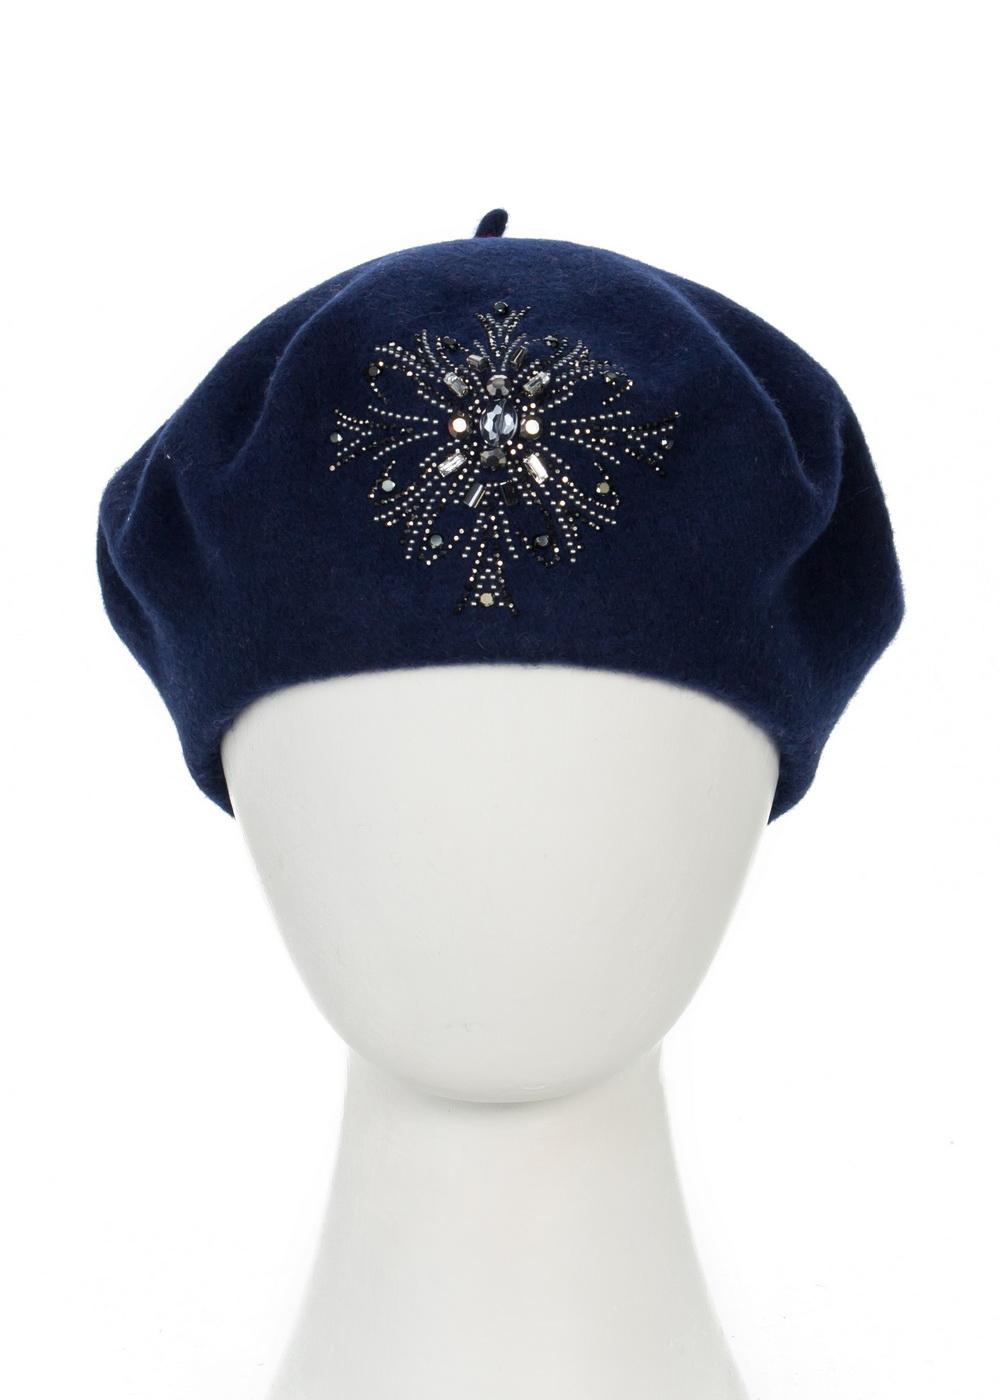 998825Теплая женская шапка, детали и оттенок изделия могут отличаться от представленных на фото